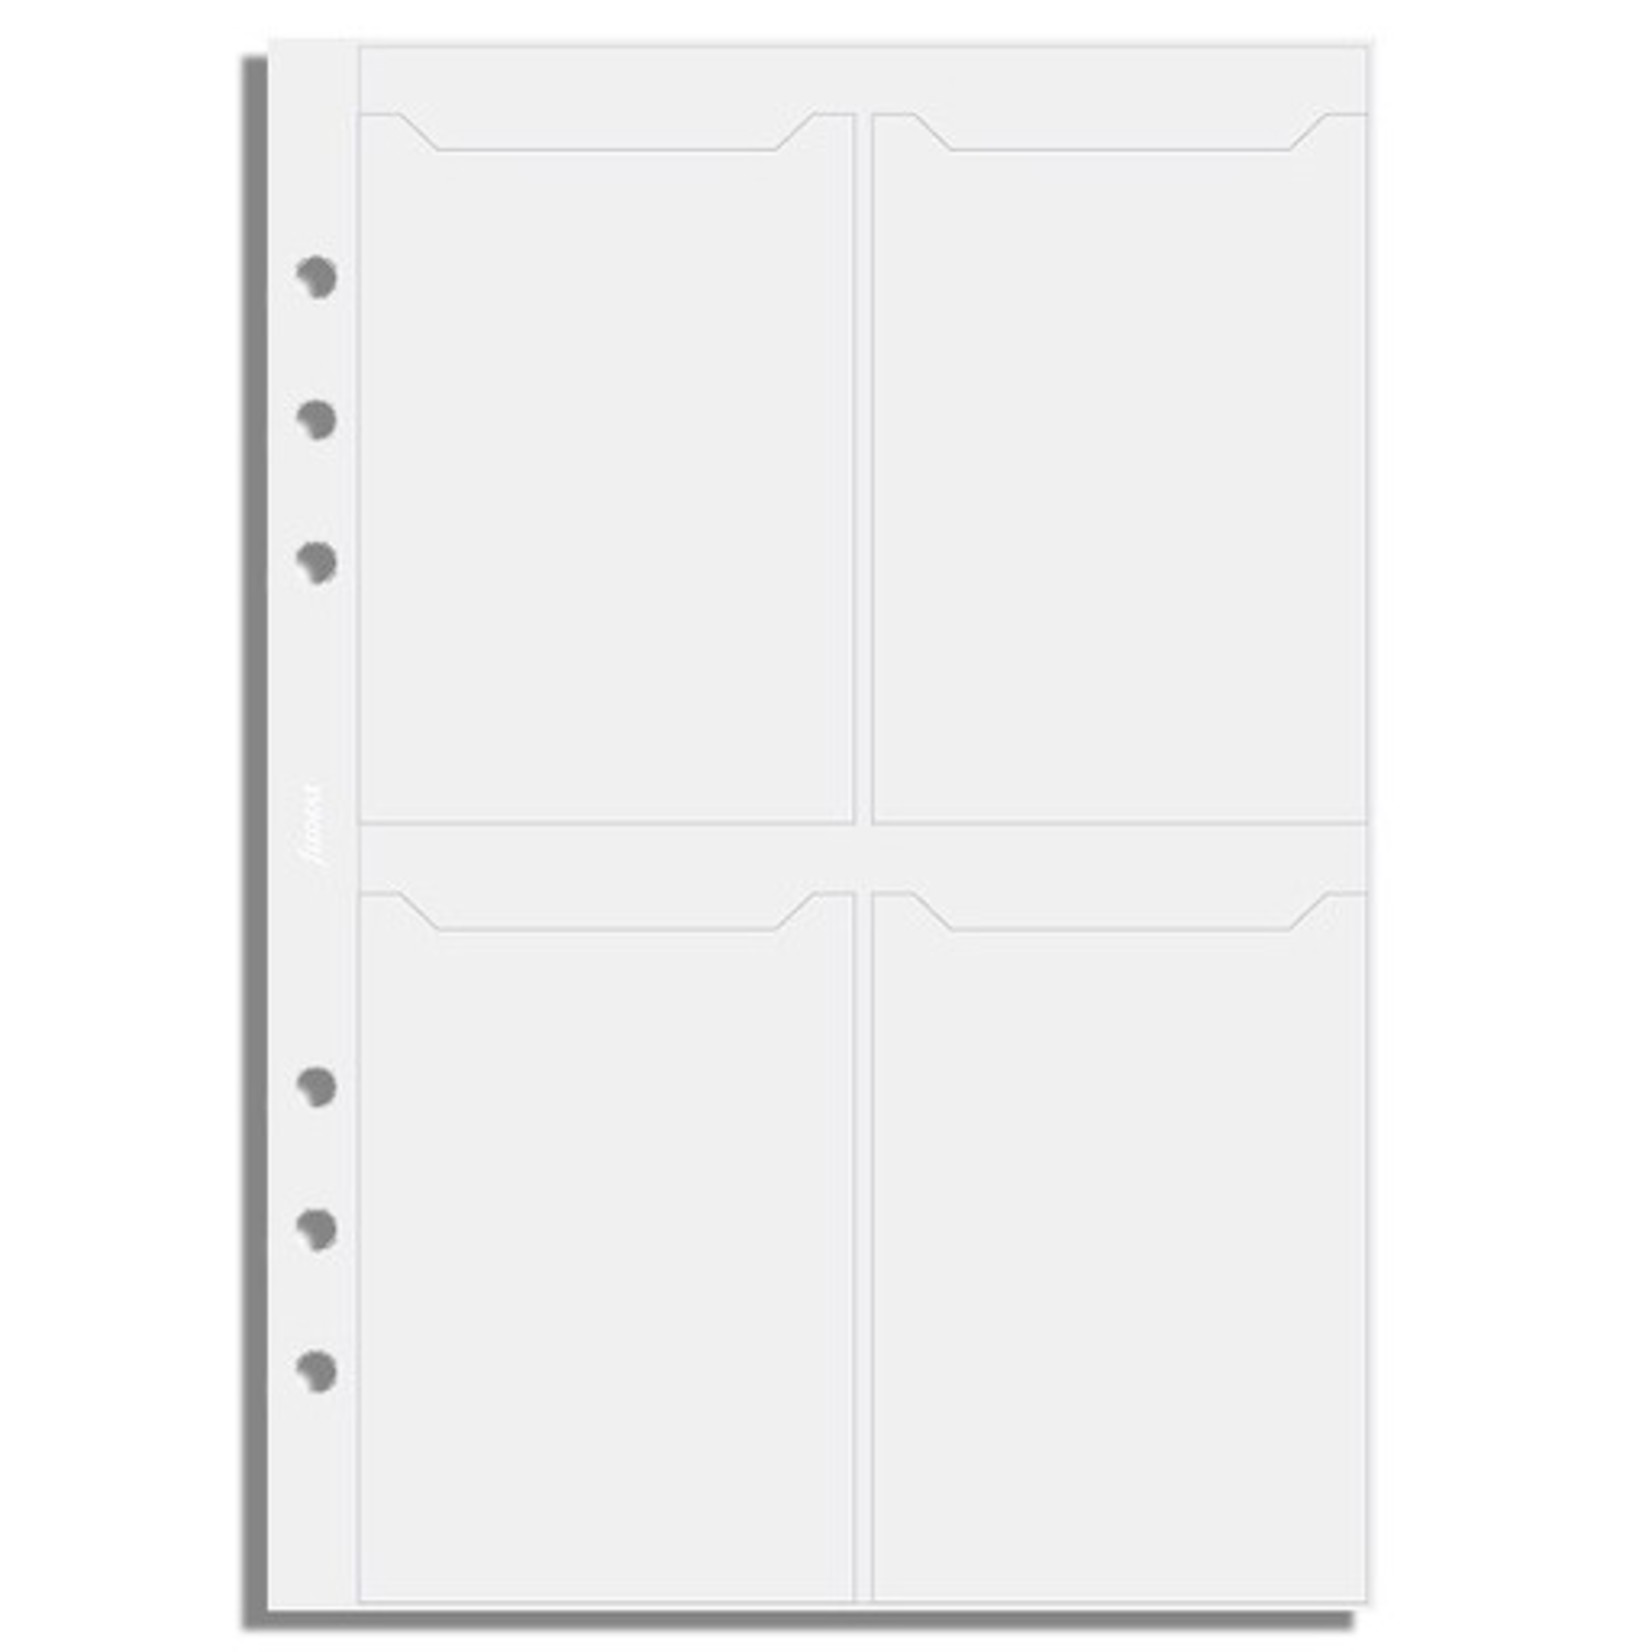 Filofax Filofax Einlage A5, Visitkartenhülle